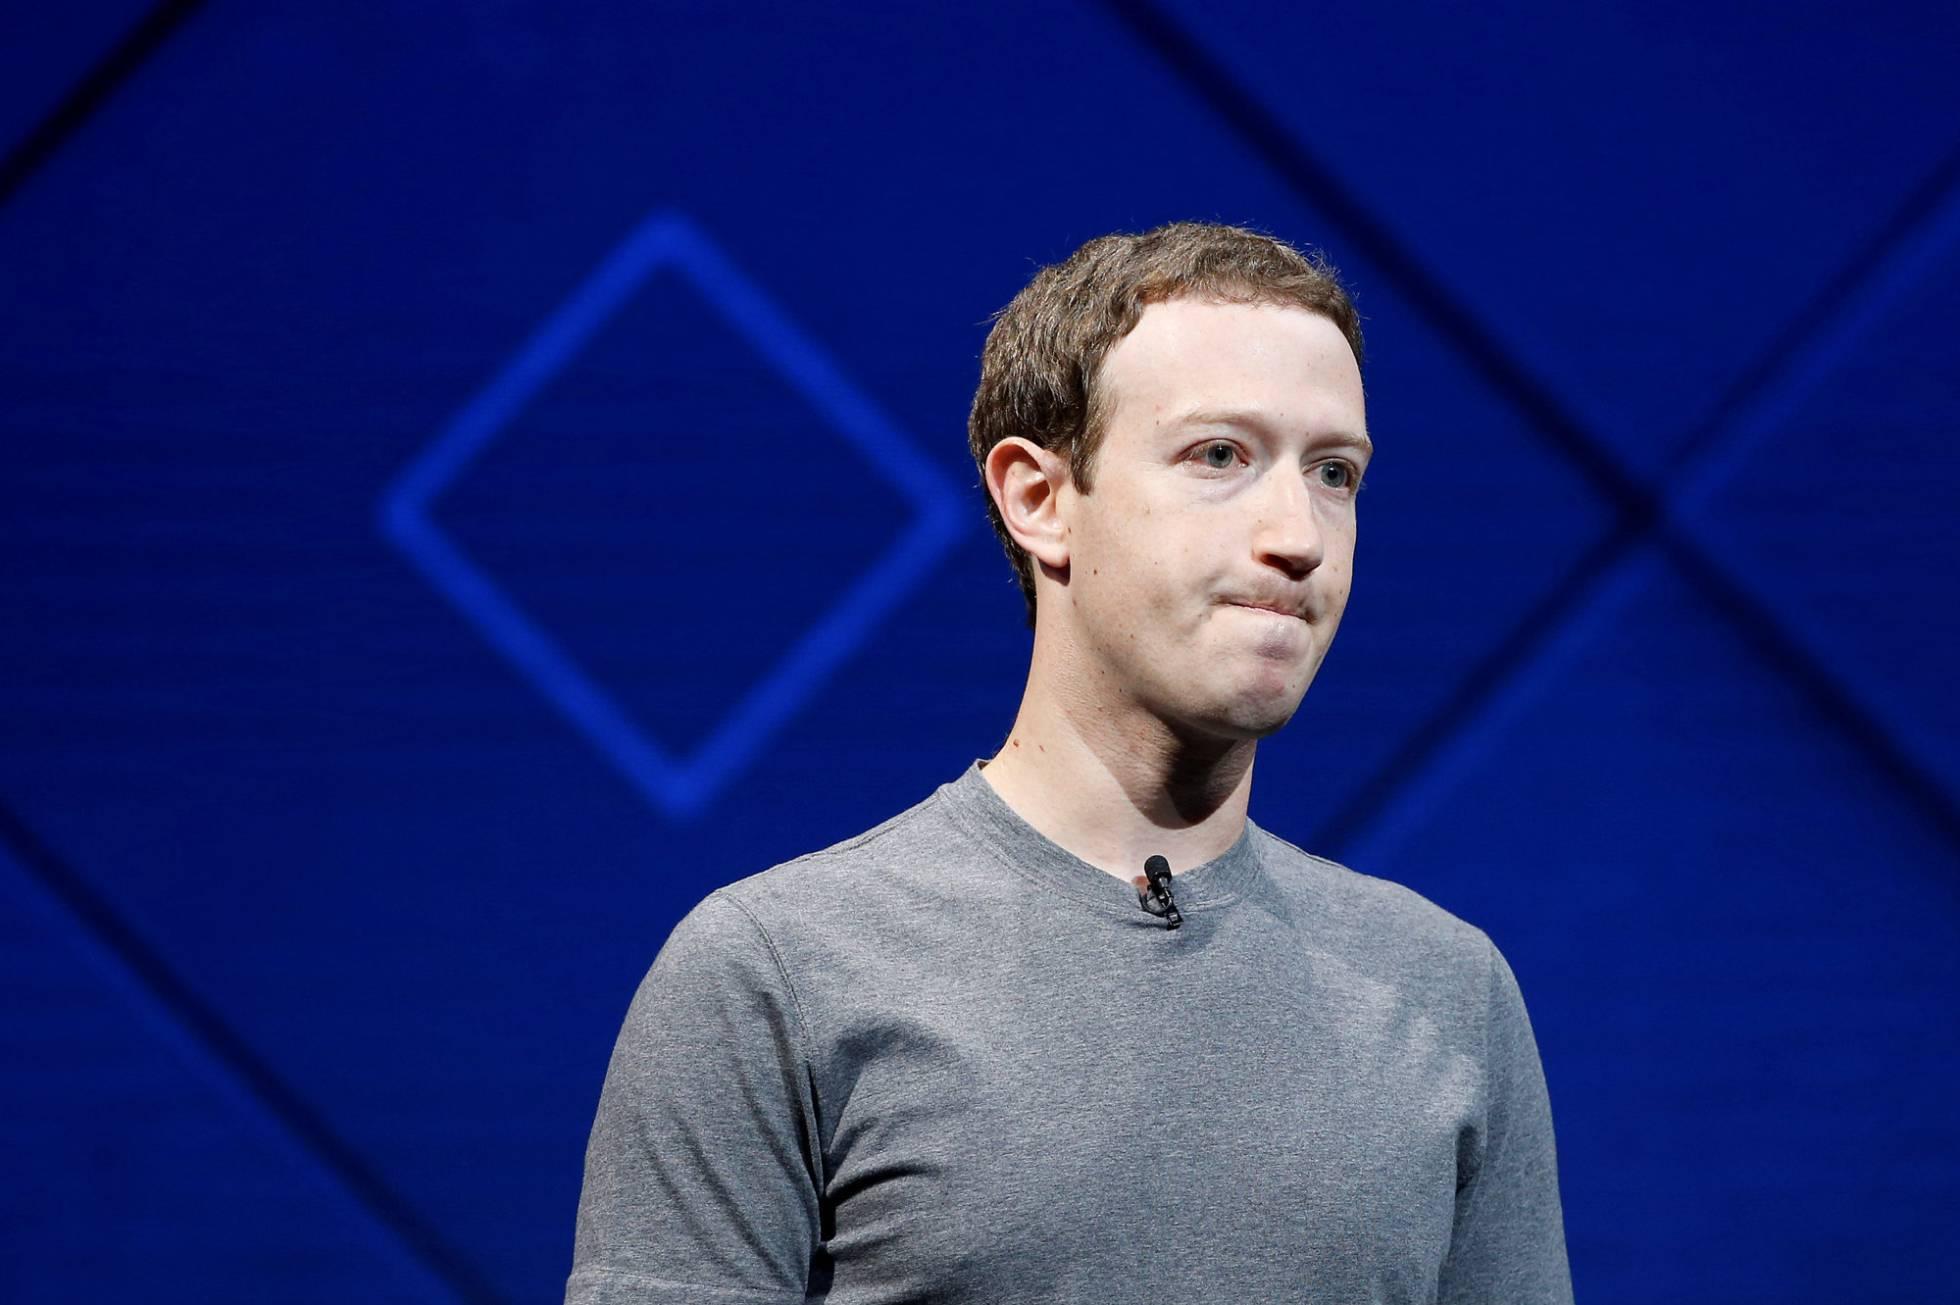 Zuckerberg testificará el 11 de abril en el Congreso de EE UU por la fuga de datos